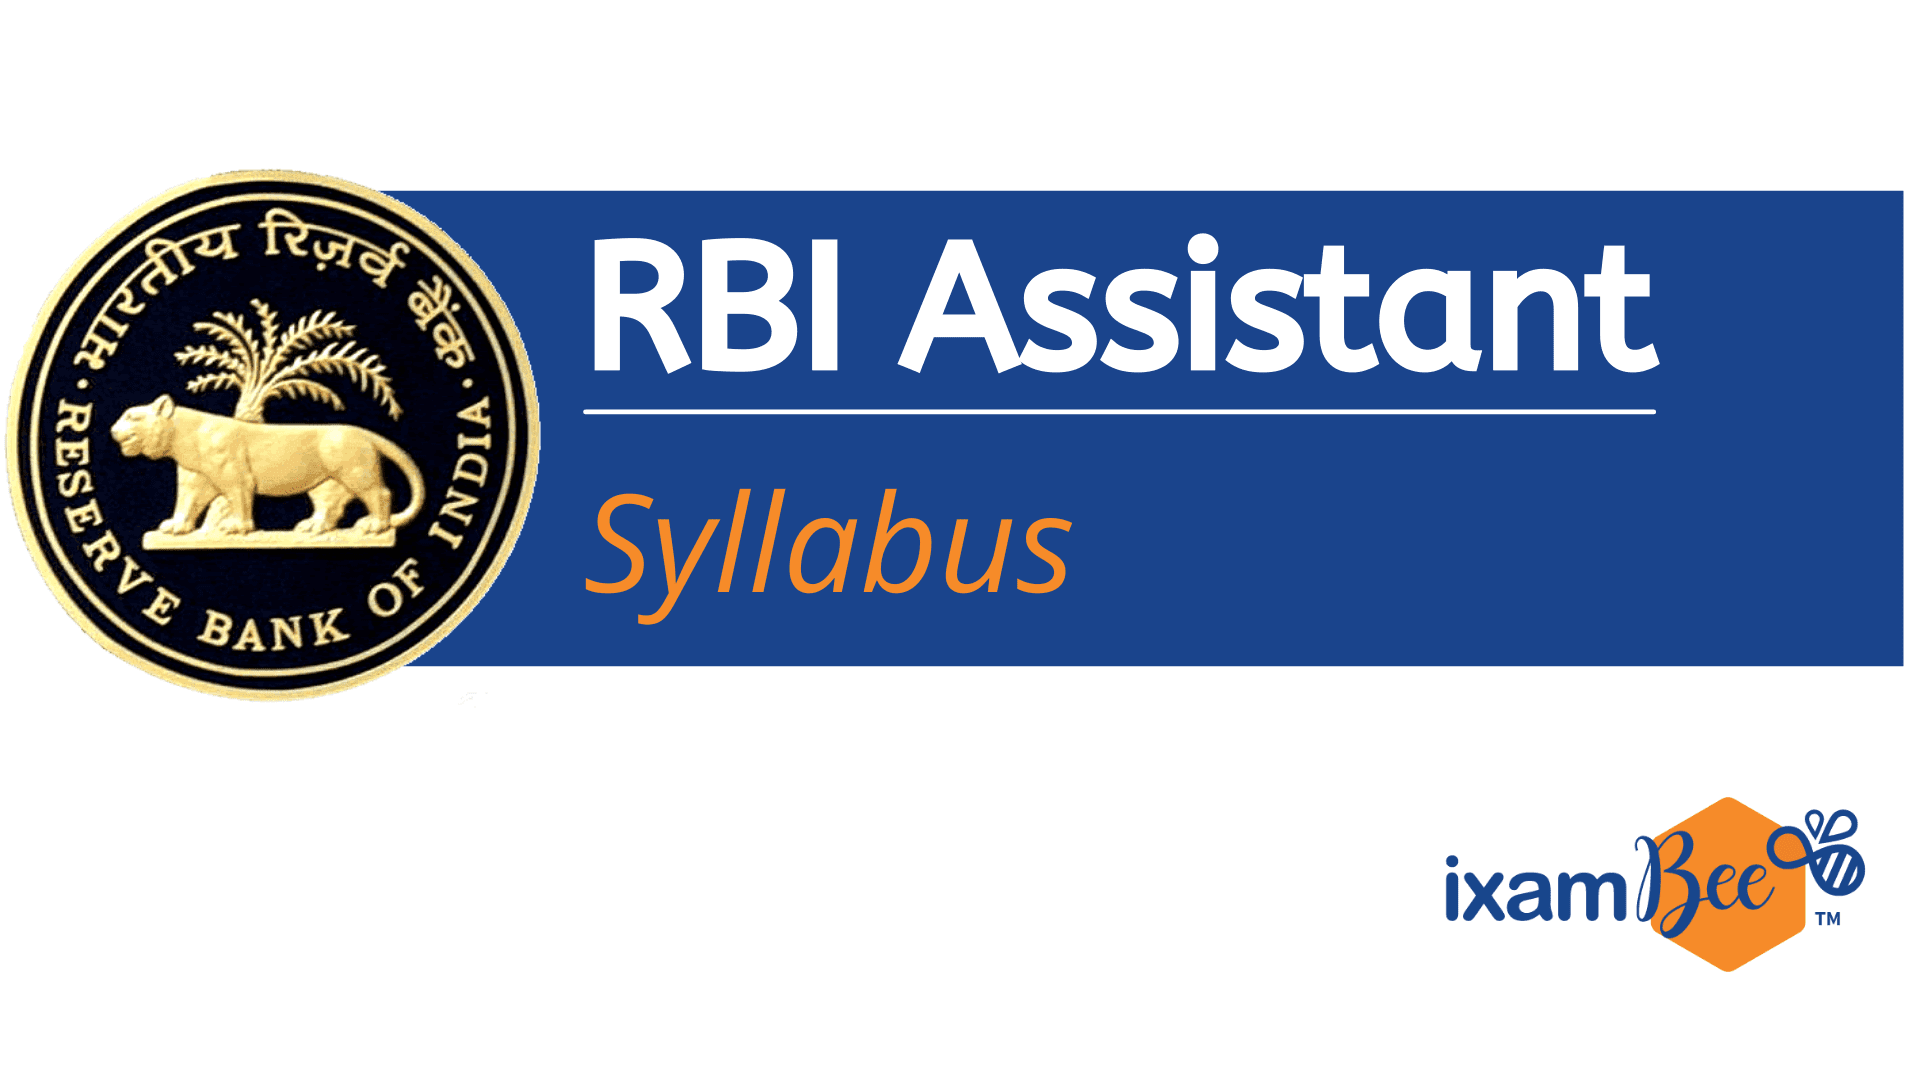 RBI Assistant Syllabus